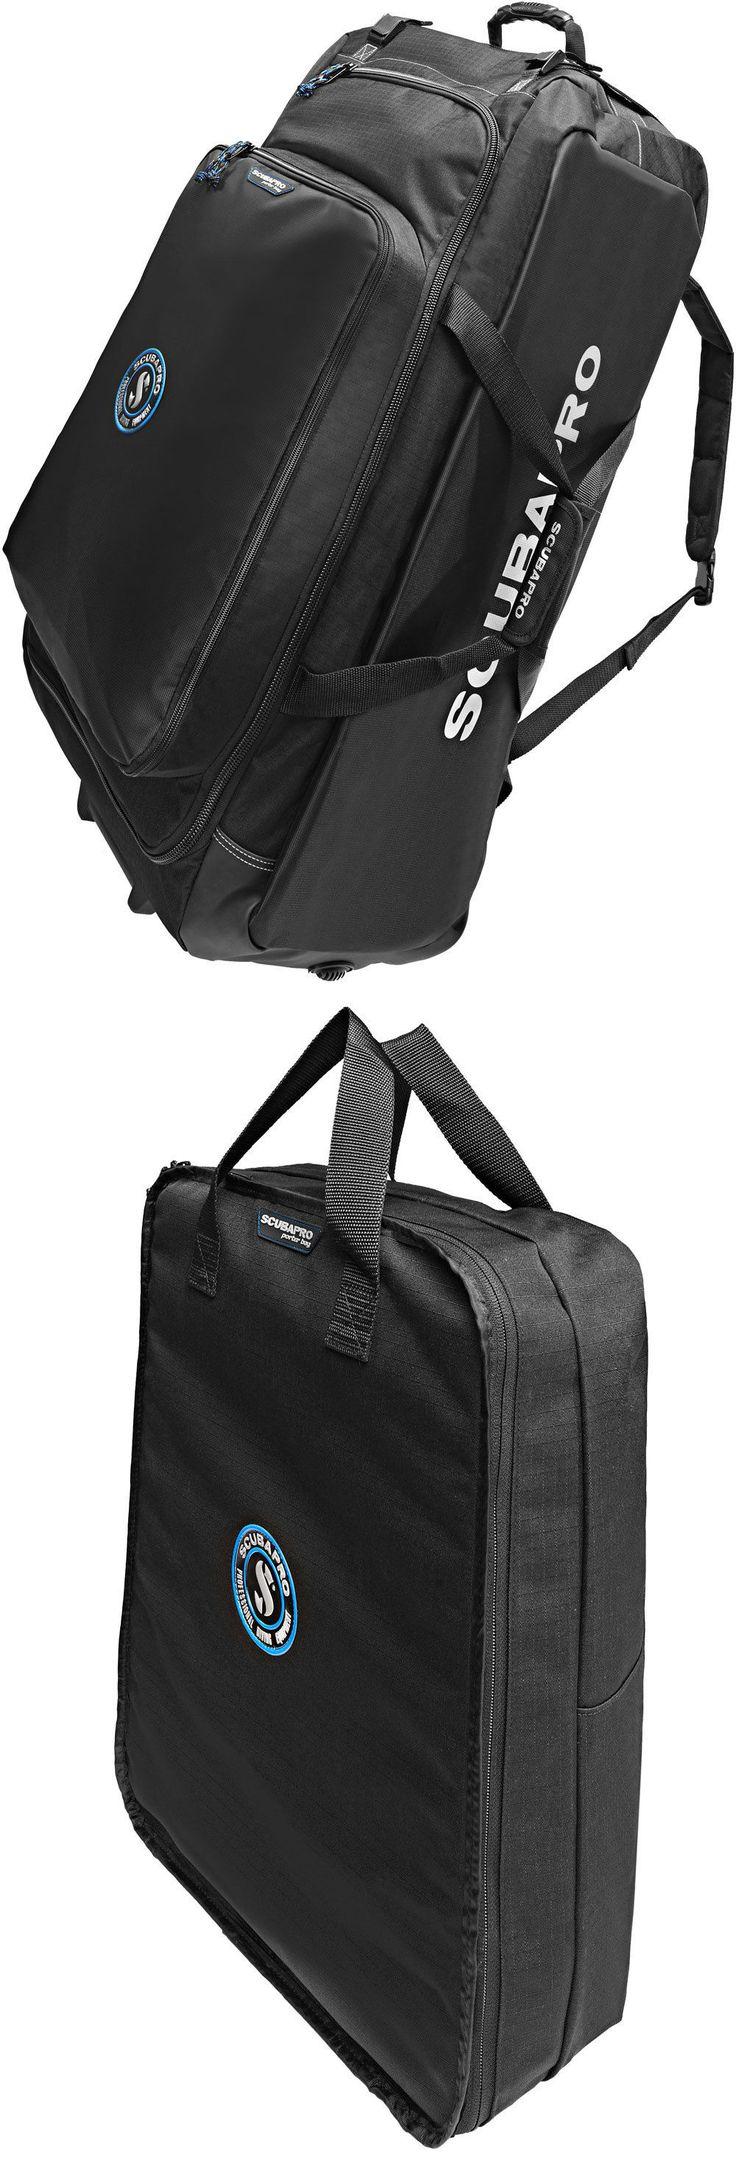 Gear Bags 29576: Scubapro Porter Bag, Scuba Diving Equipment Dive Gear Bag, Scubapro Dive Bag BUY IT NOW ONLY: $189.0